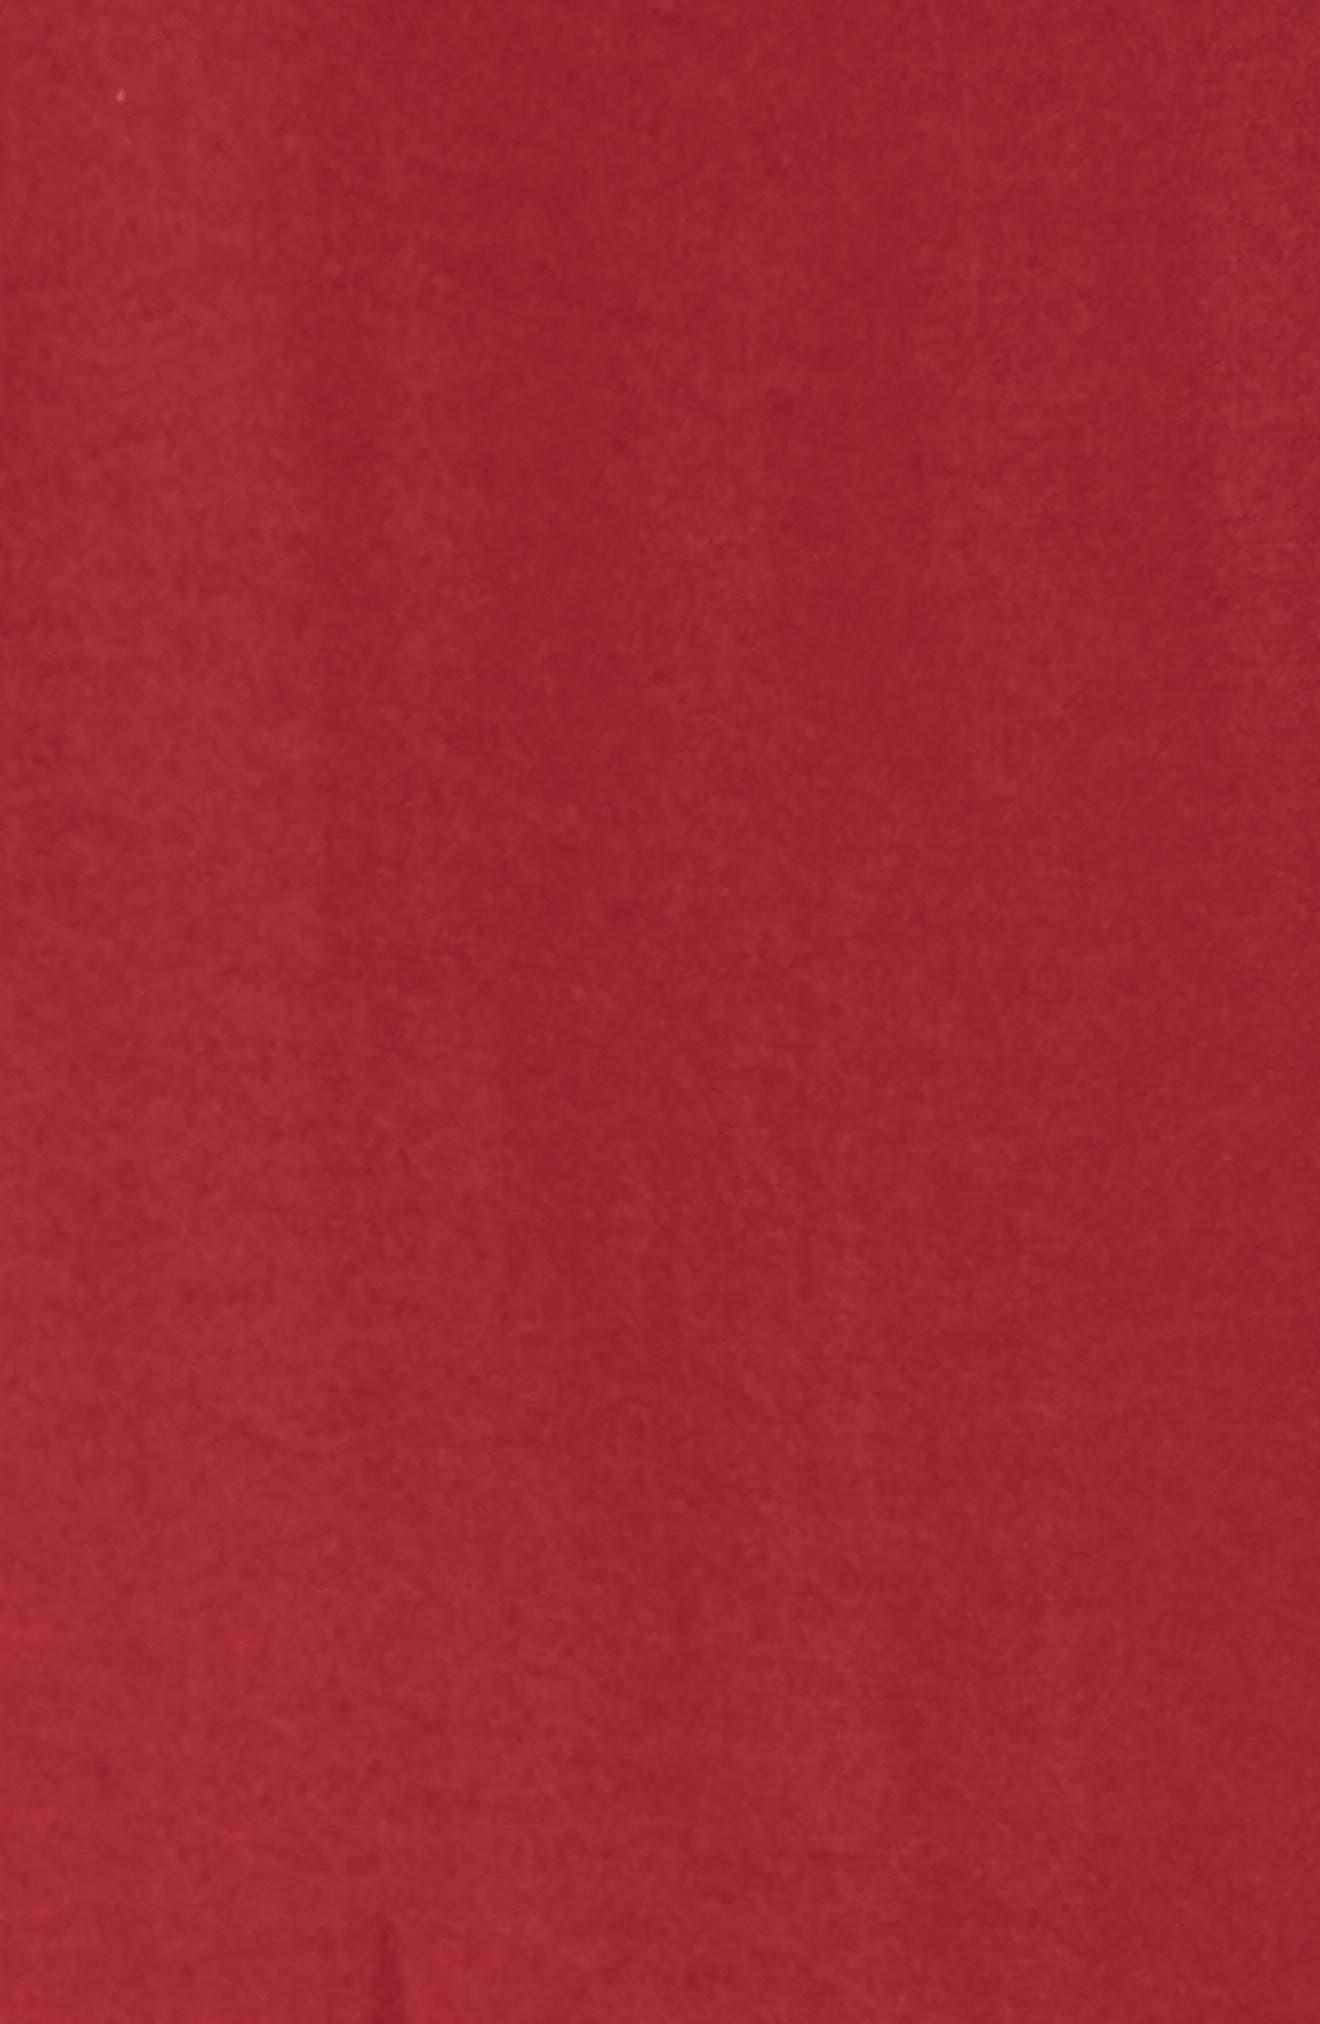 Hammer Satin Bell Sleeve Blouse,                             Alternate thumbnail 39, color,